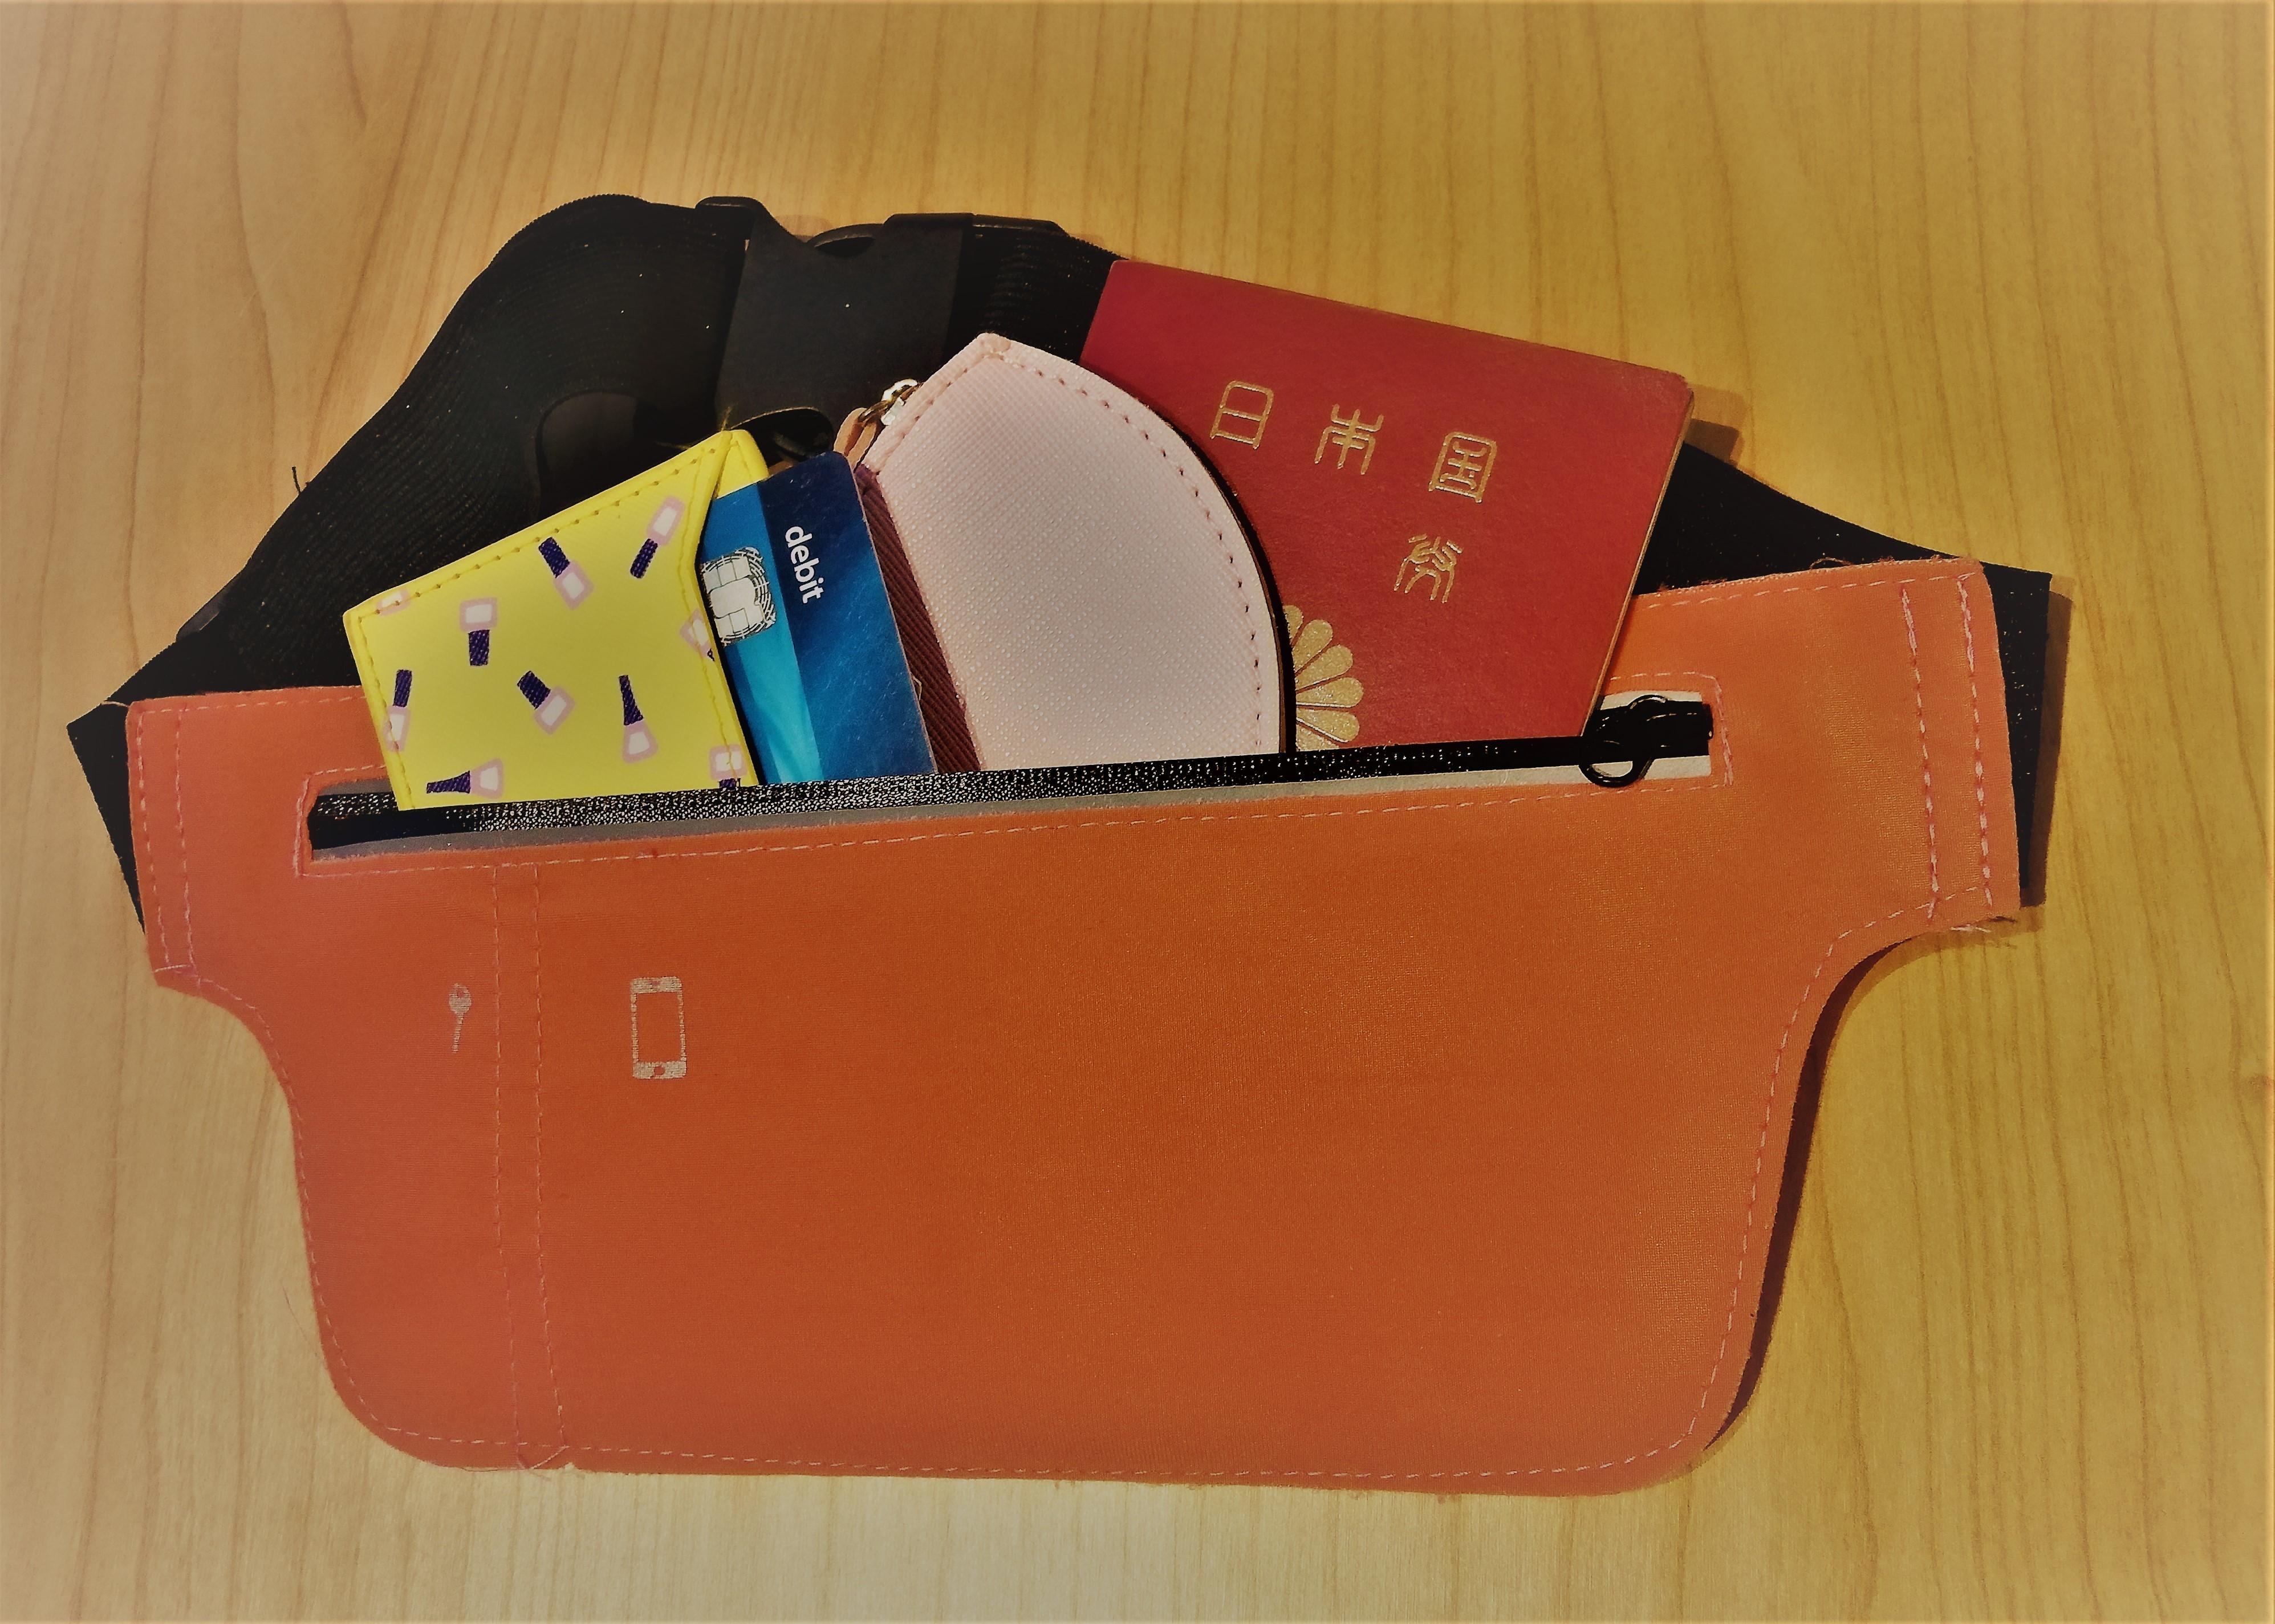 セキュリティポーチは海外旅行に必要?入れる荷物や使い方をご紹介!